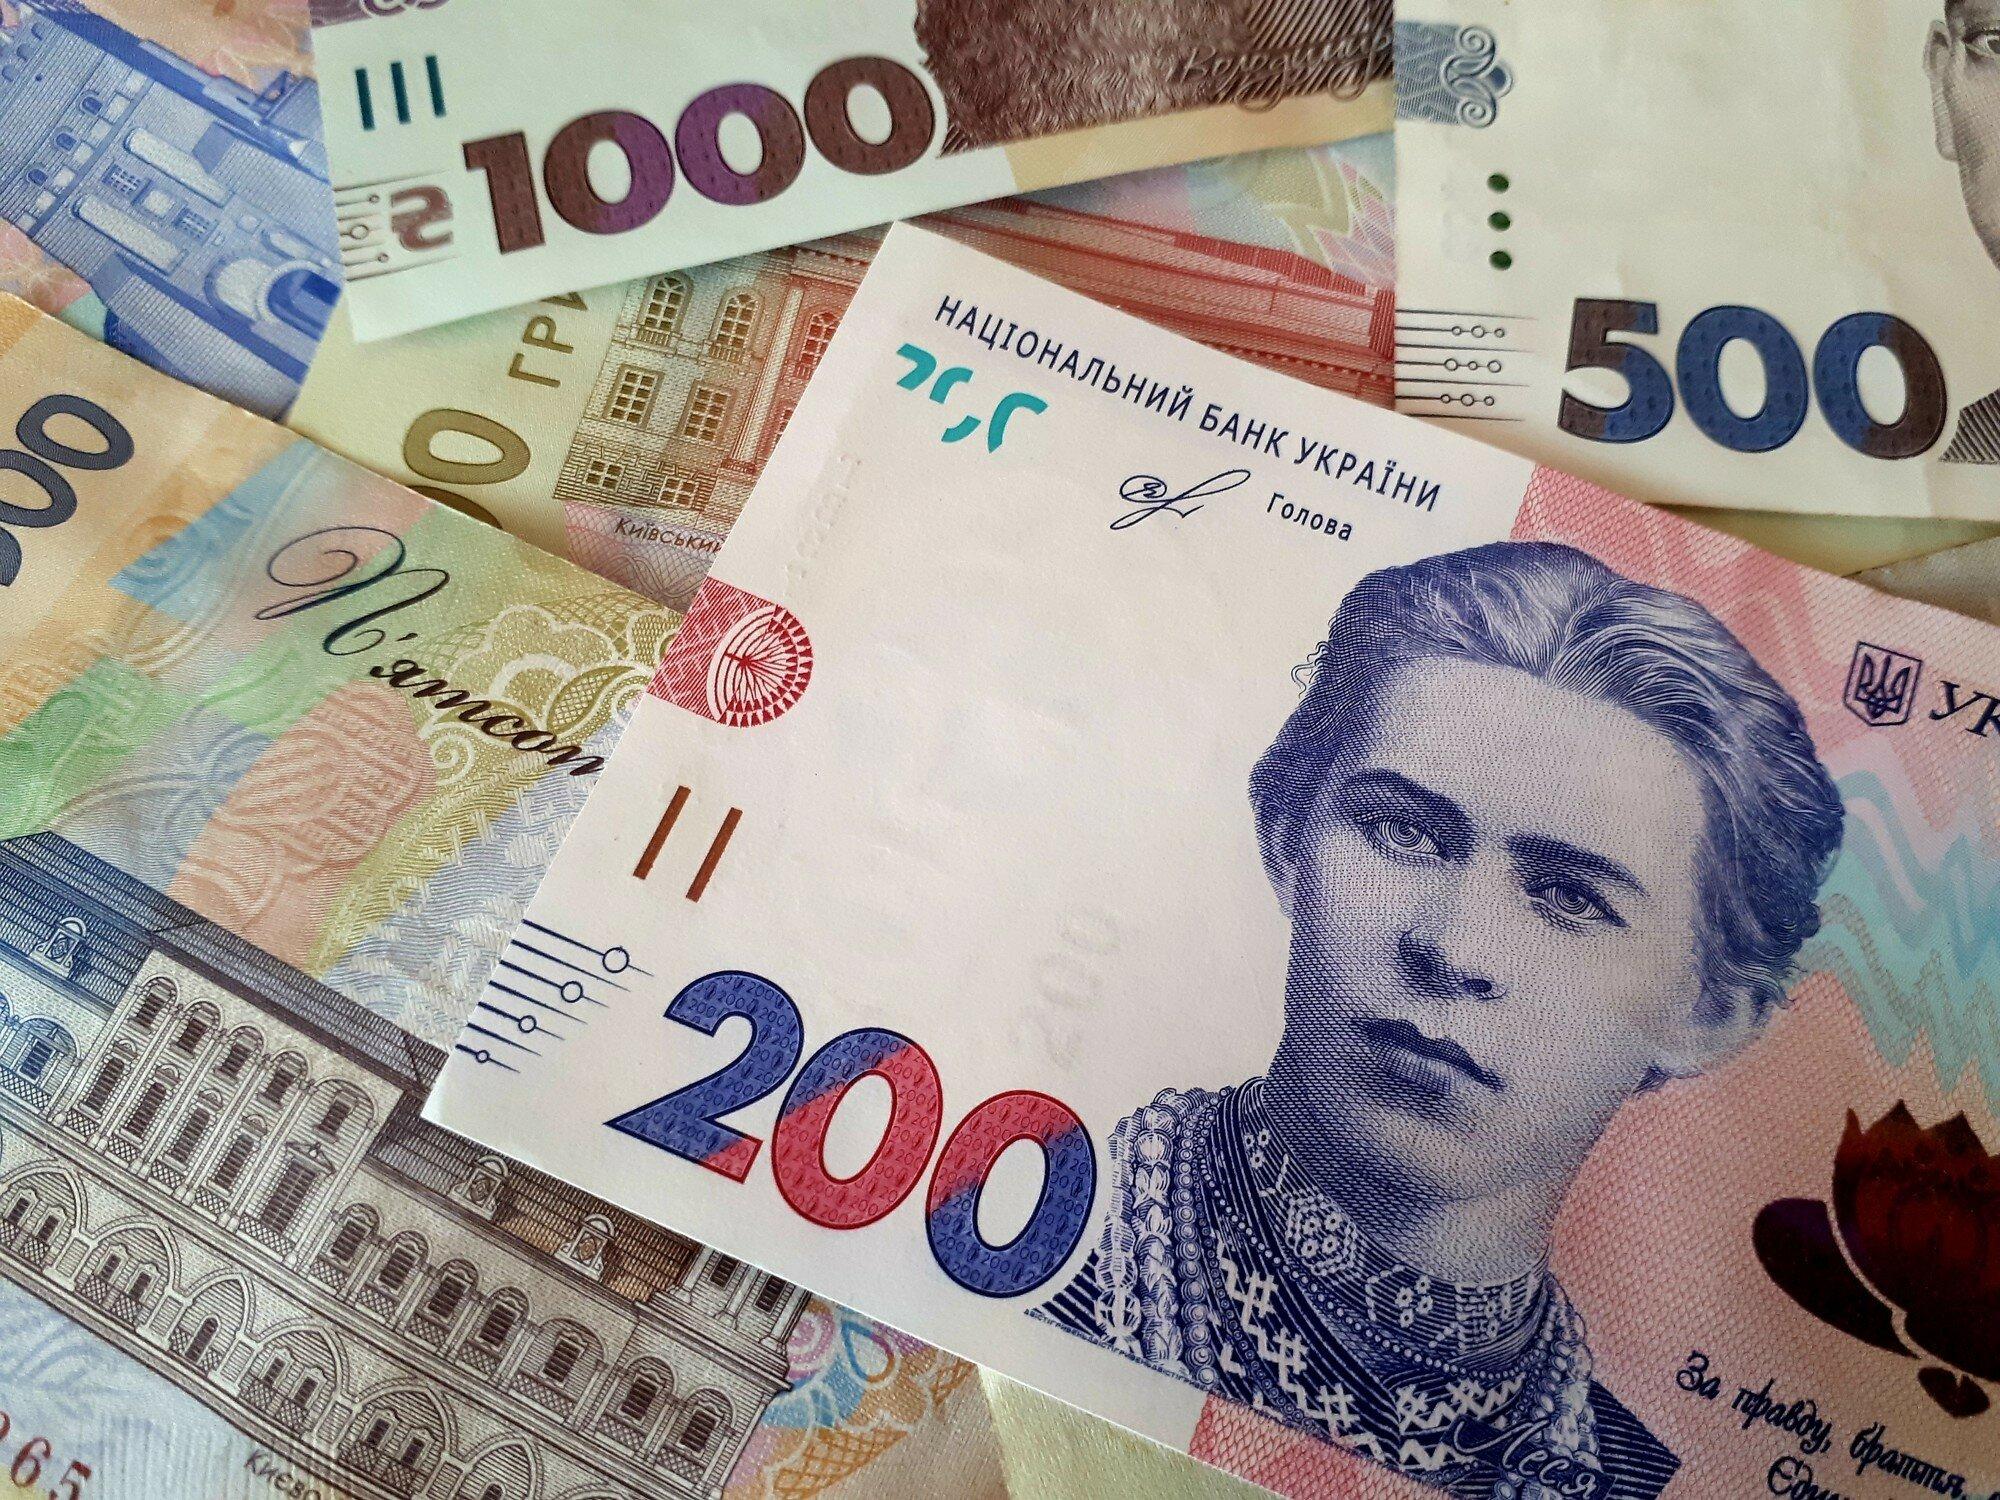 Укравтодор объявил о повышении окладов